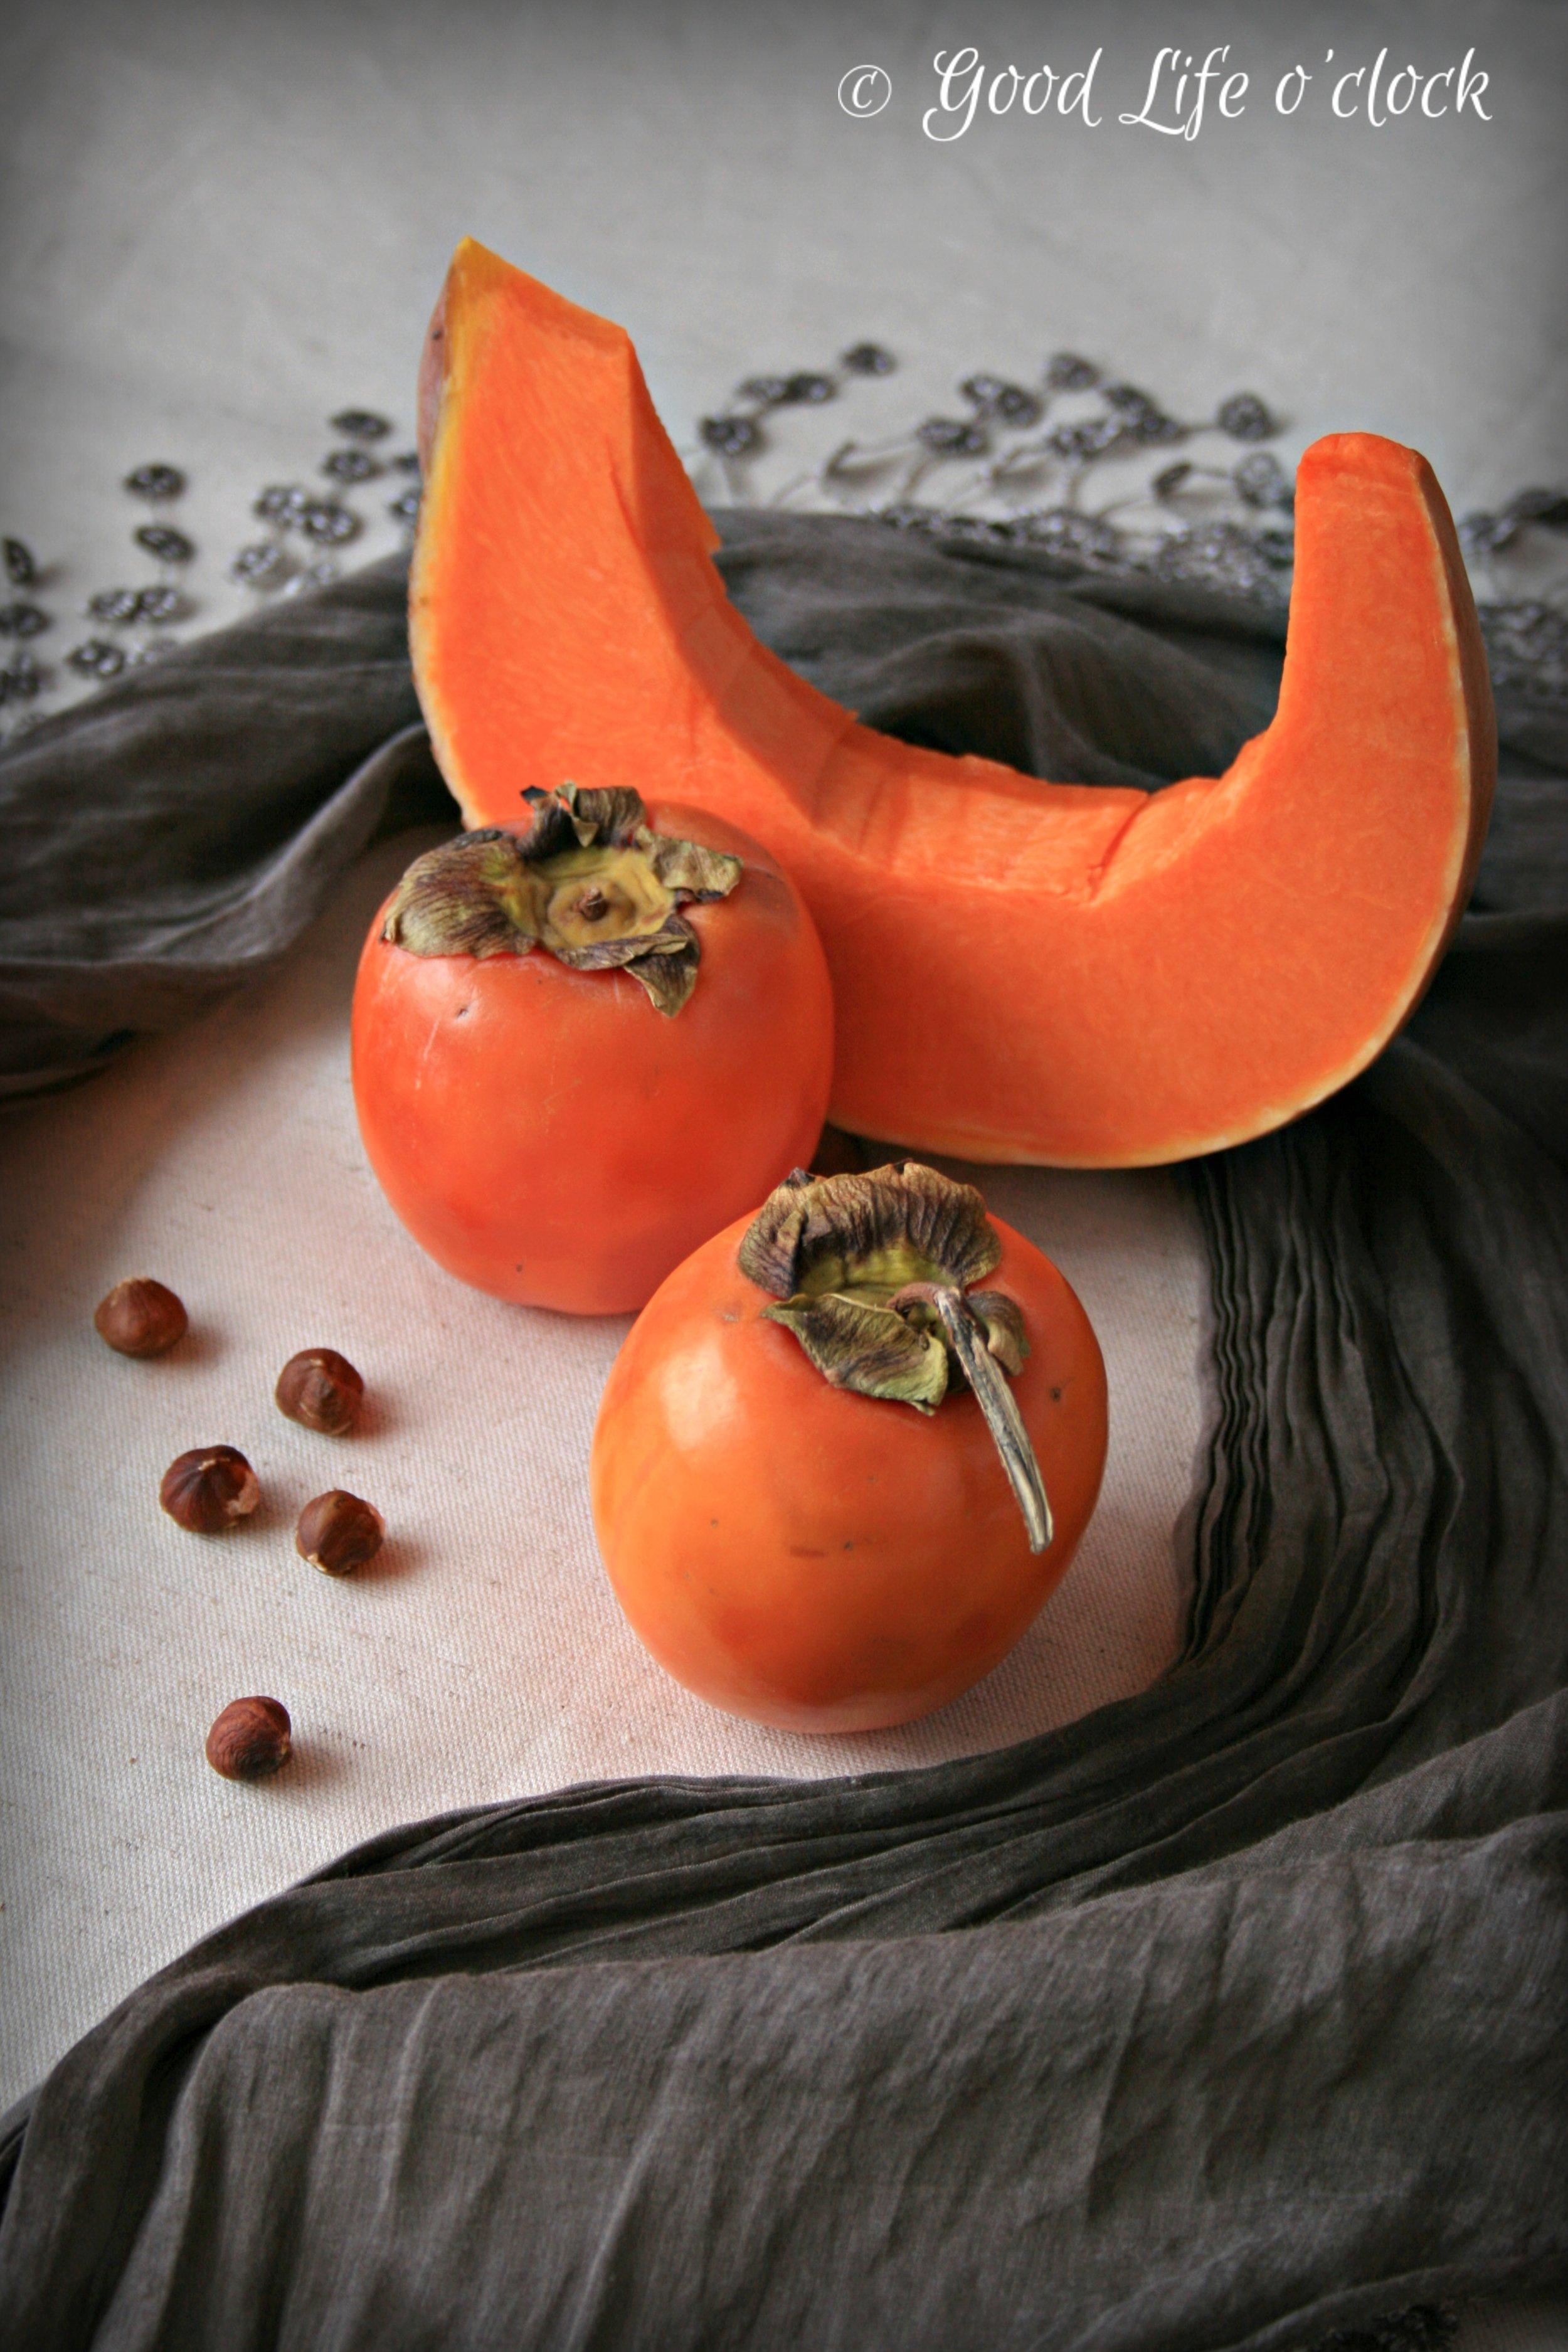 Pumpkin & Persimmons